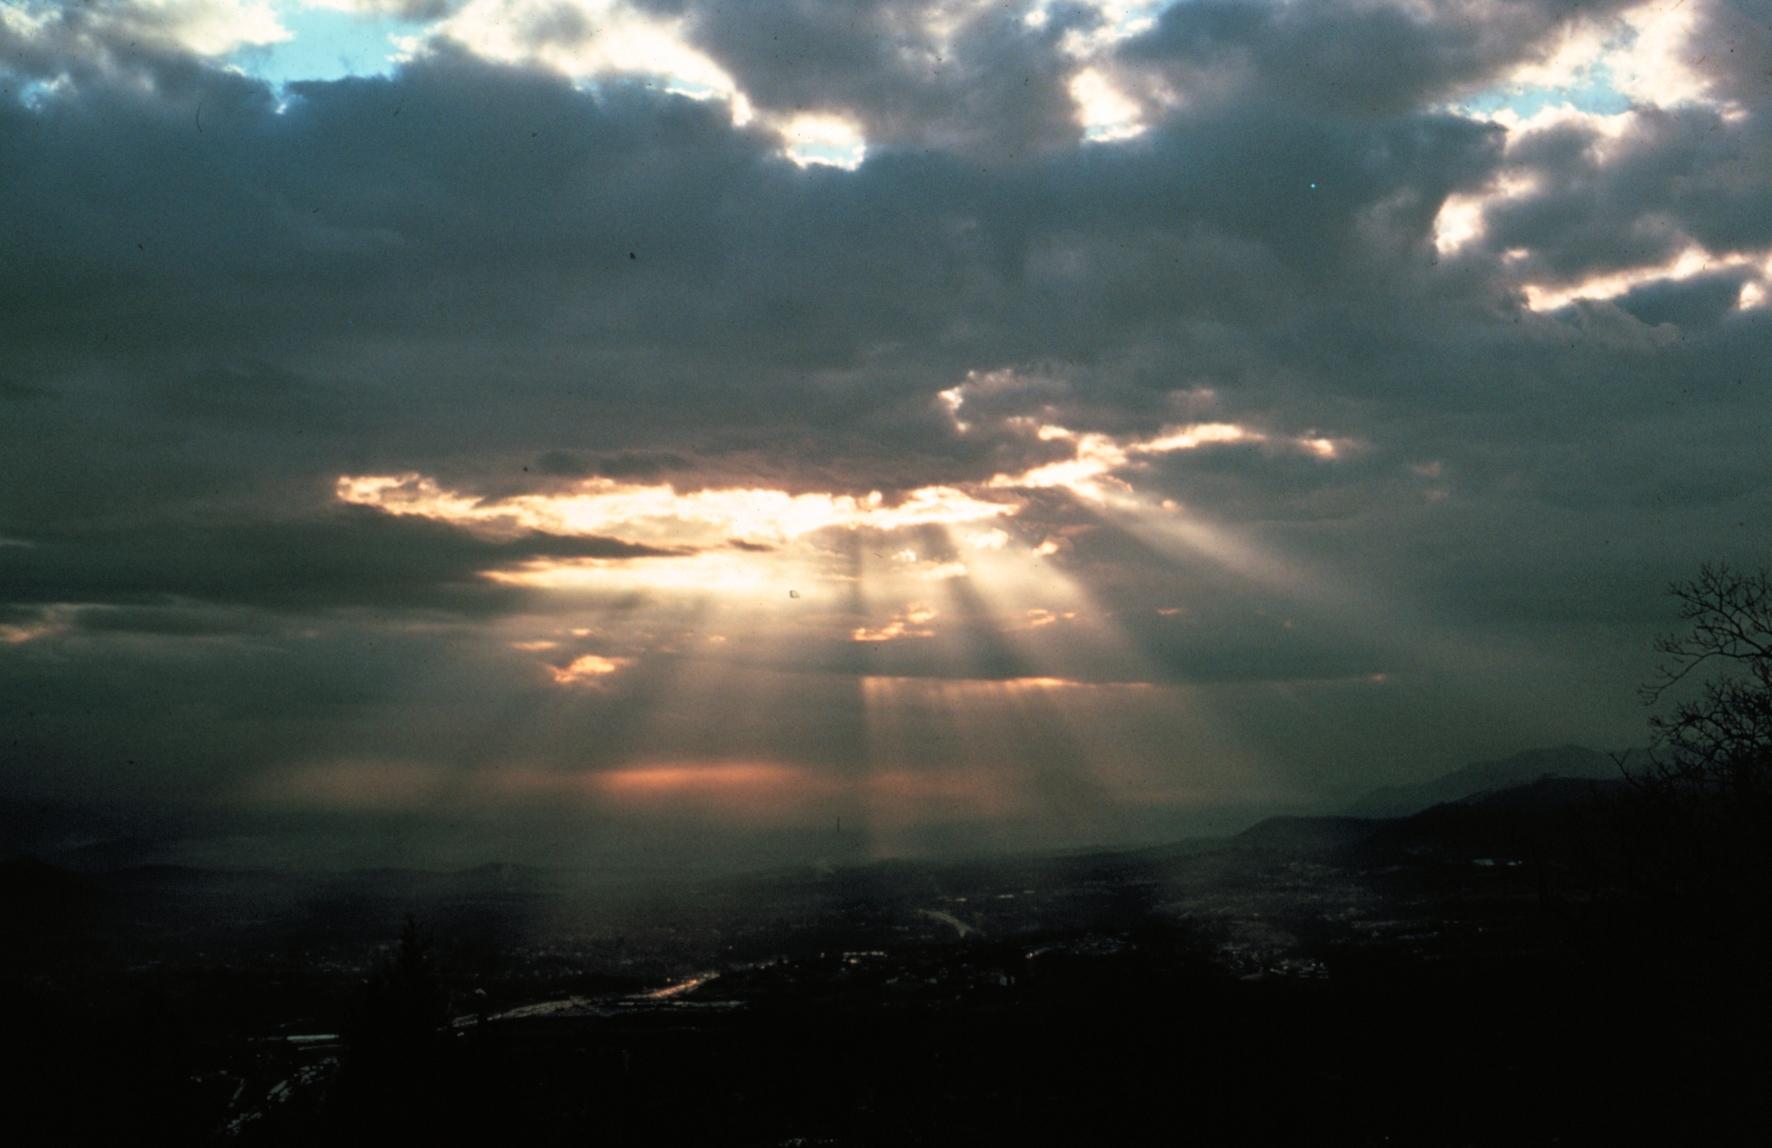 Sonnenstrahlen_Crepuscular_rays8_-_NOAA